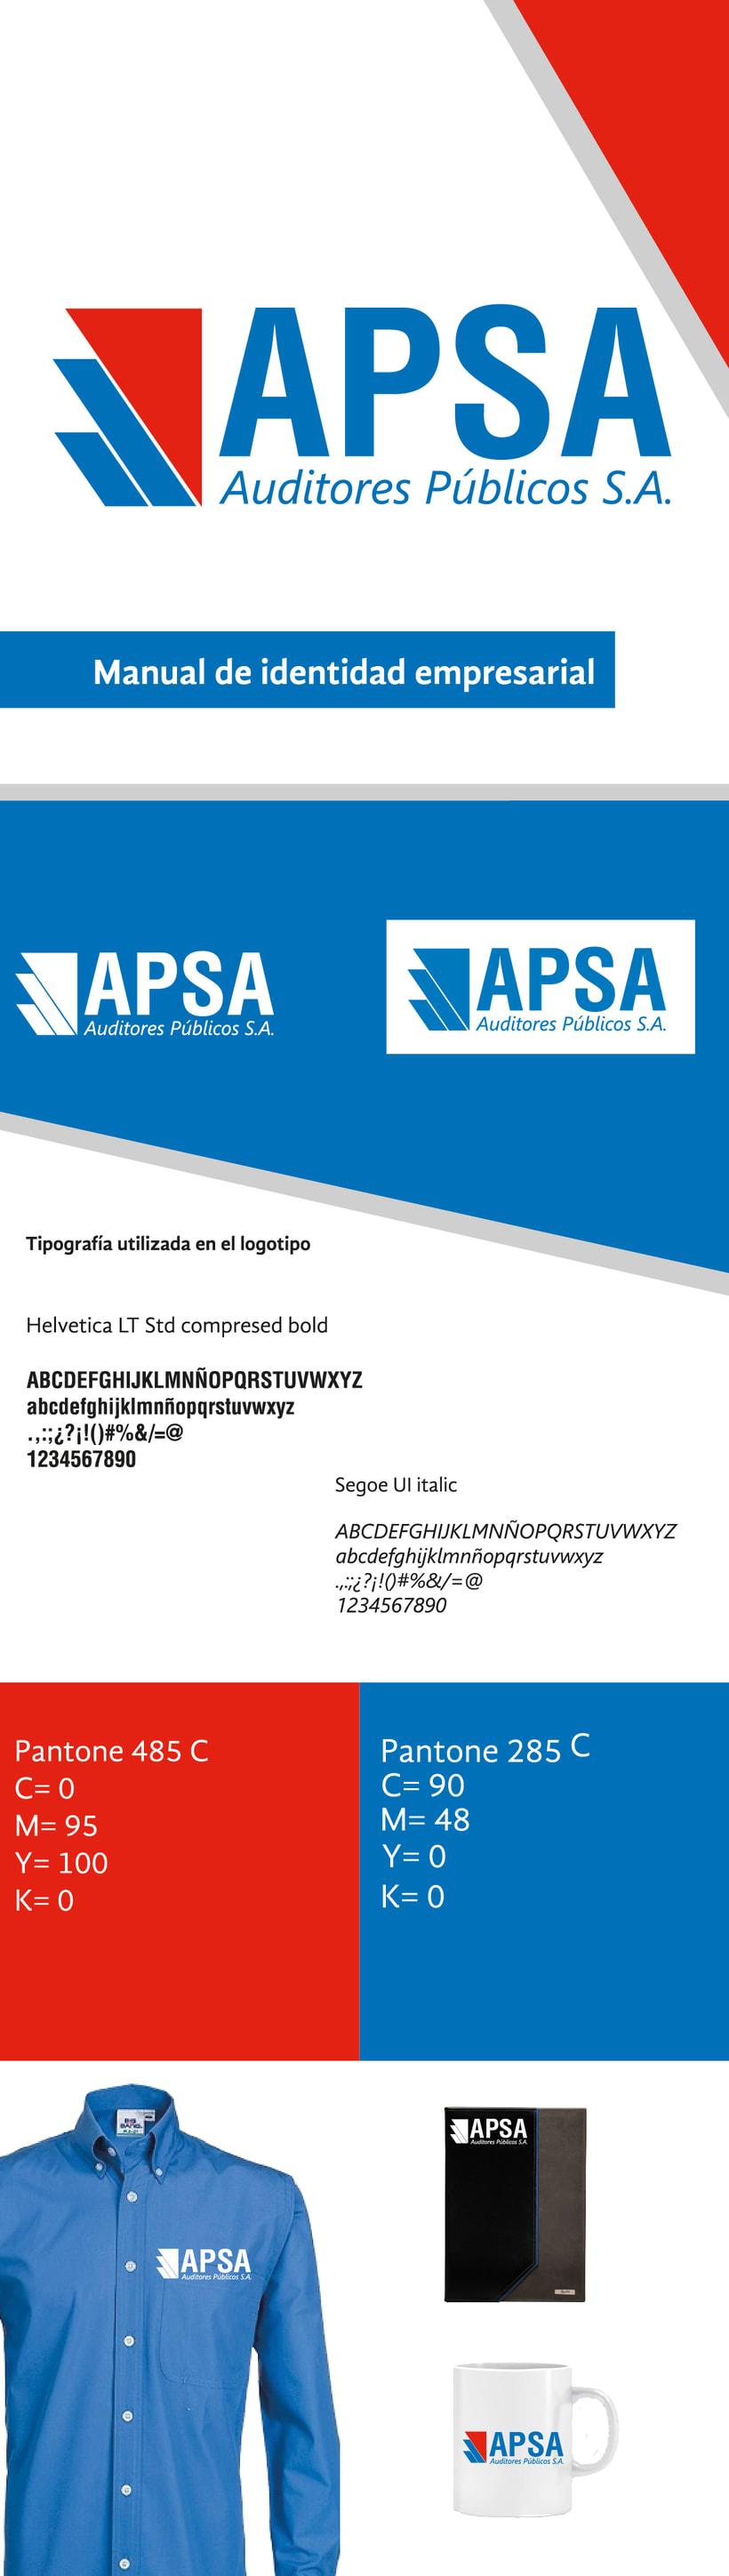 APSA, manual de identidad empresarial-Proyecto universitario 0